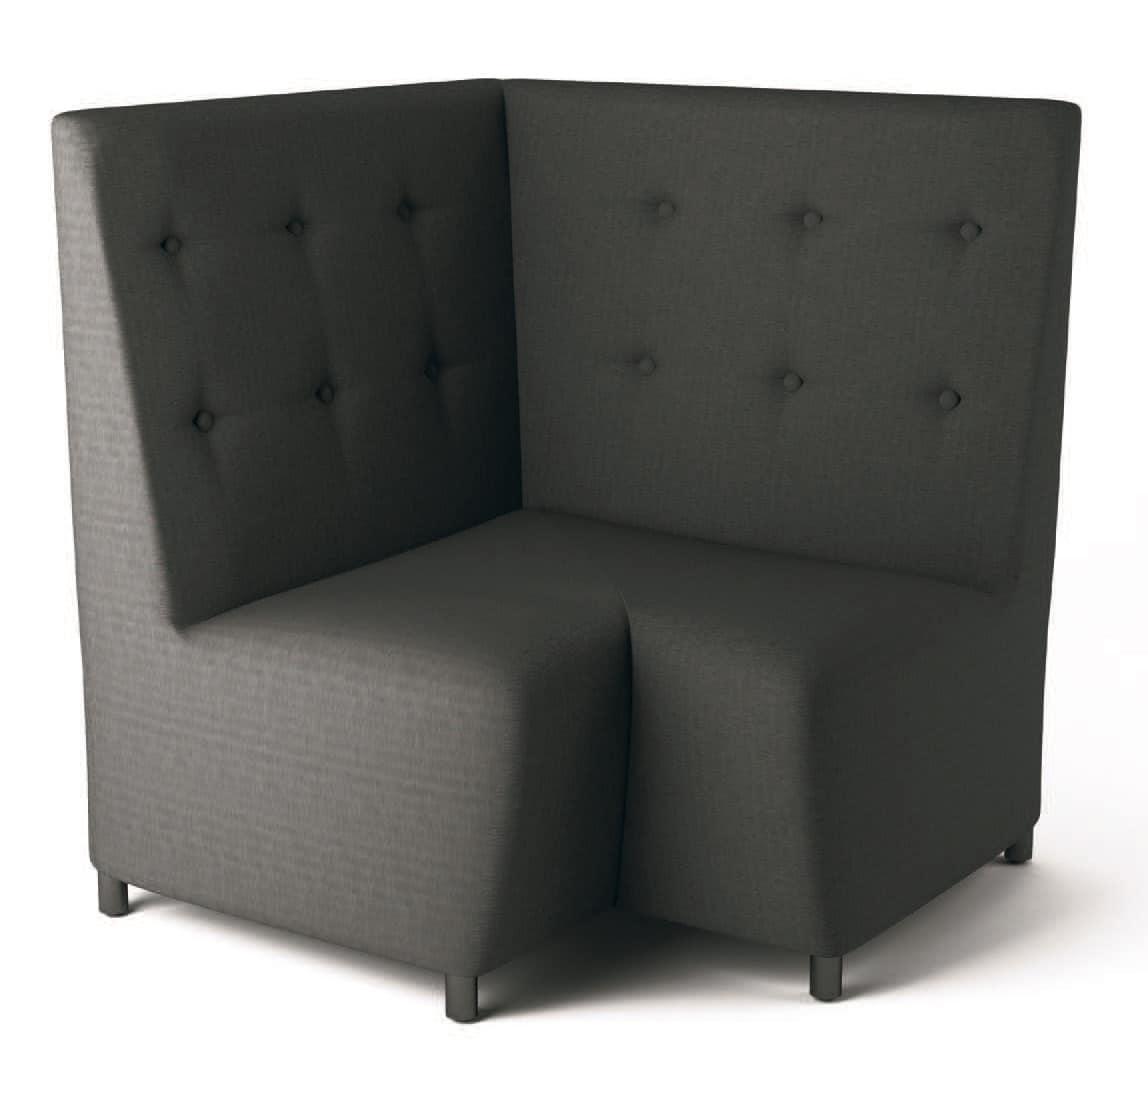 PL Himmel, Modulares Sofa mit Holzrahmen, für das Büro